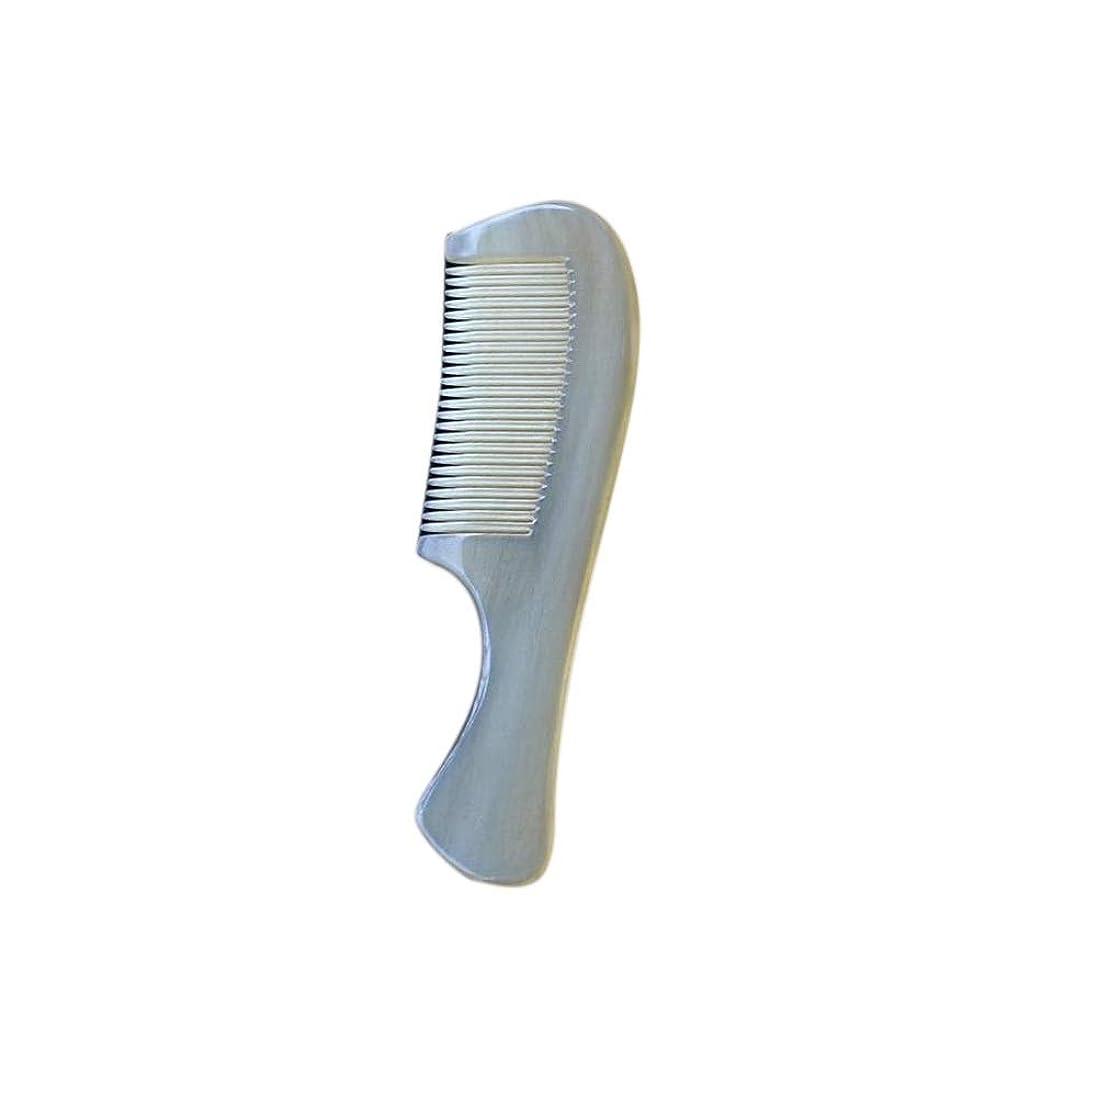 インストール義務的鳥WASAIO 羊の角の櫛手作りの木製抗静的カーリーストレートヘアブラシブラシナチュラルノーワイド歯髪のポケットマッサージ